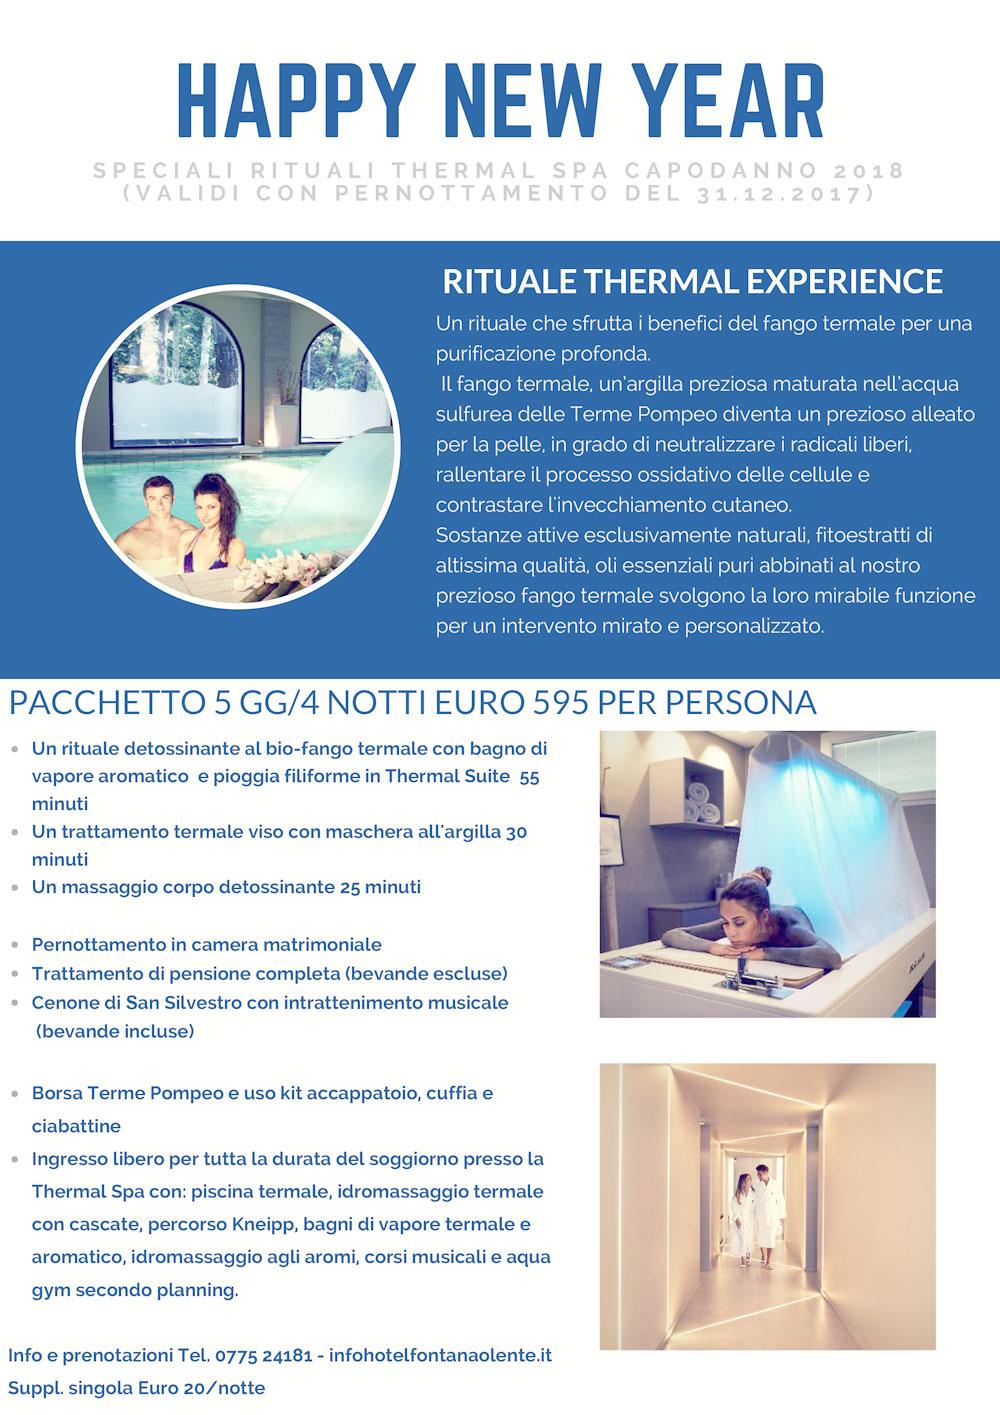 Percorso Capodanno Rituale Thermal Experience 4 notti 2017 2018 opt